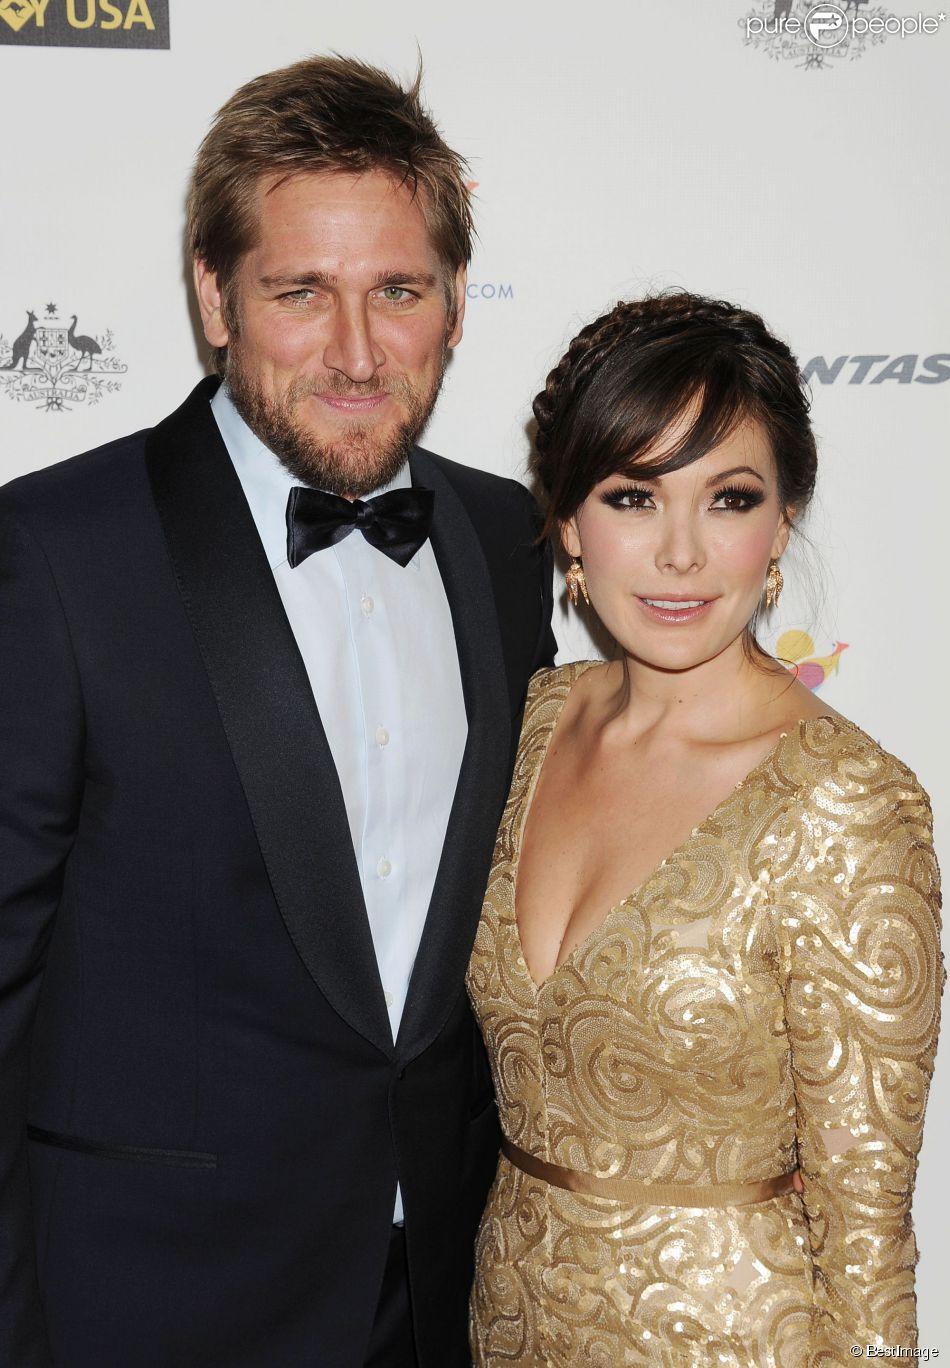 """Le chef Curtis Stone et Lindsay Price - Soirée de gala """"G' Day USA Los Angeles Black Tie"""" au JW Marriott à Los Angeles, le 11 janvier 2014."""